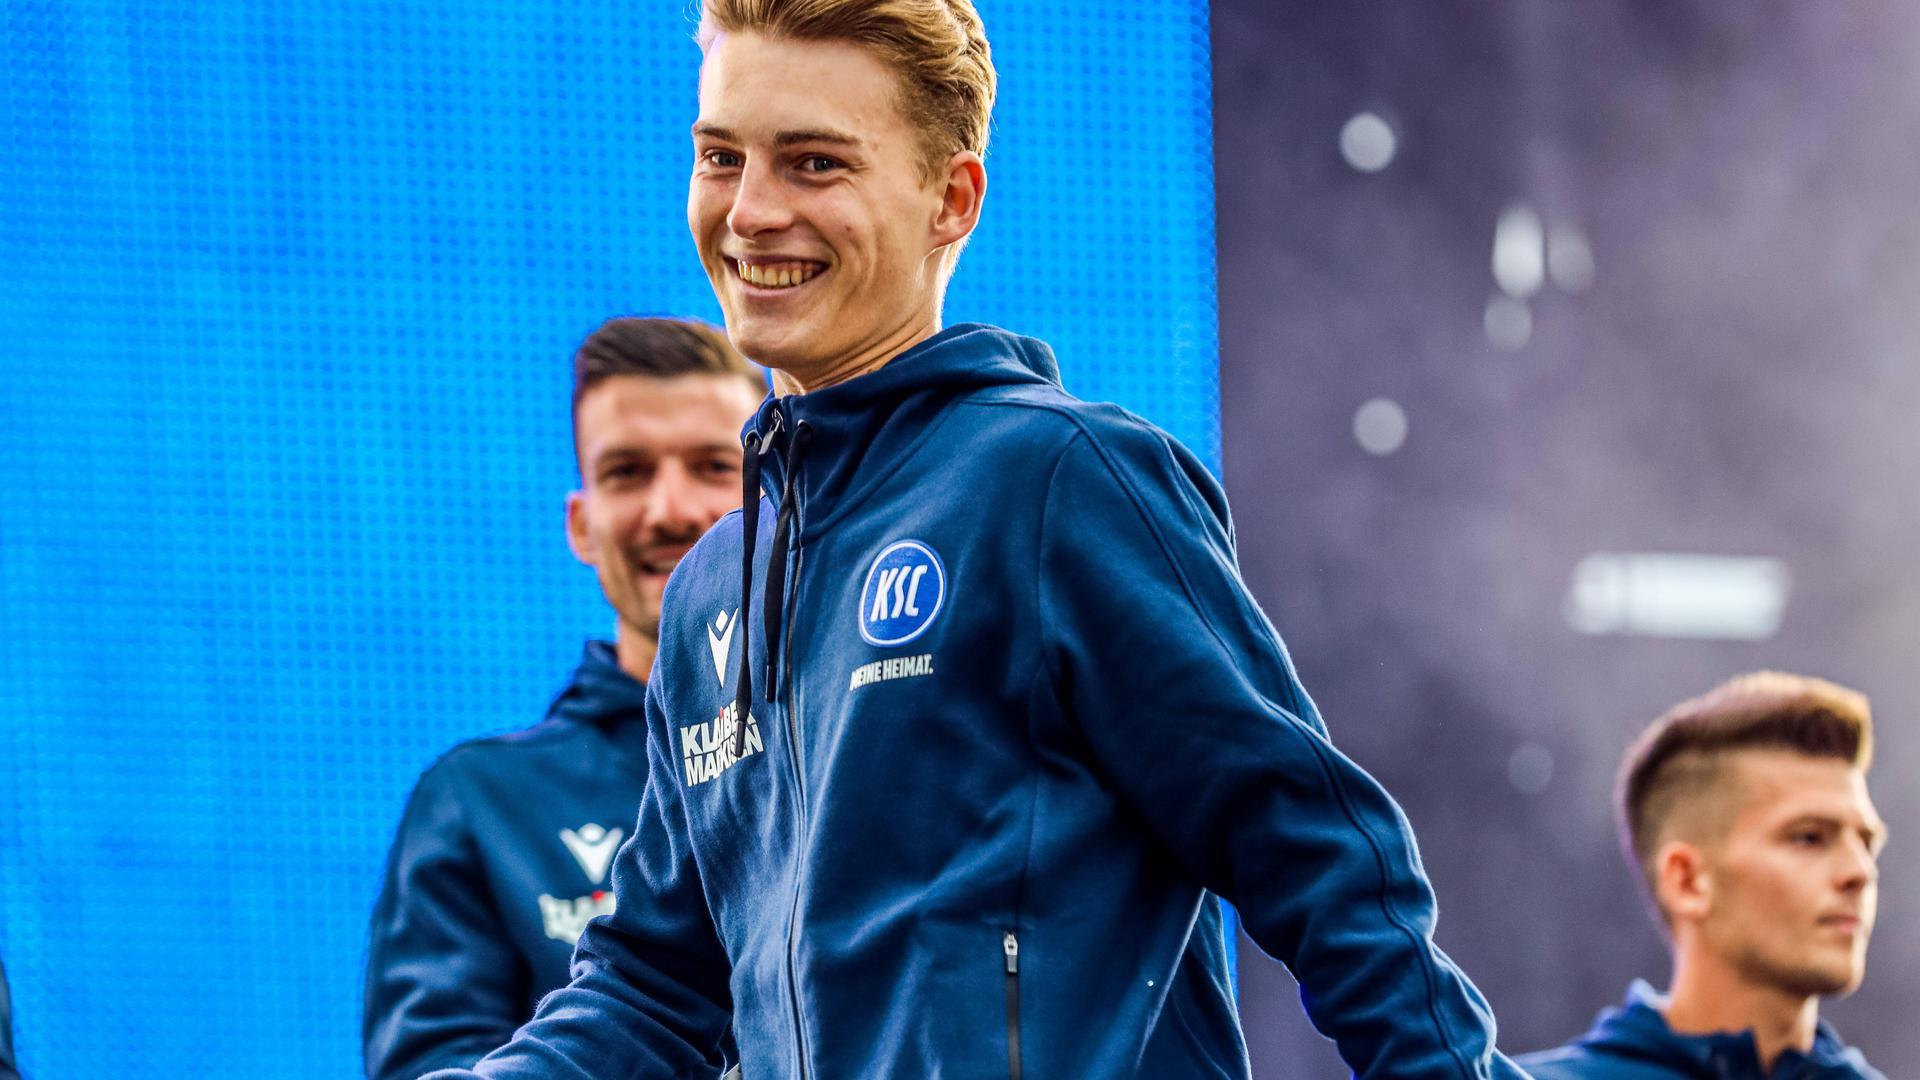 In der U21 berücksichtigt: Dominik Kother rückte nach diversen Ausfällen beim DFB in den Kader von Stefan Kuntz nach.